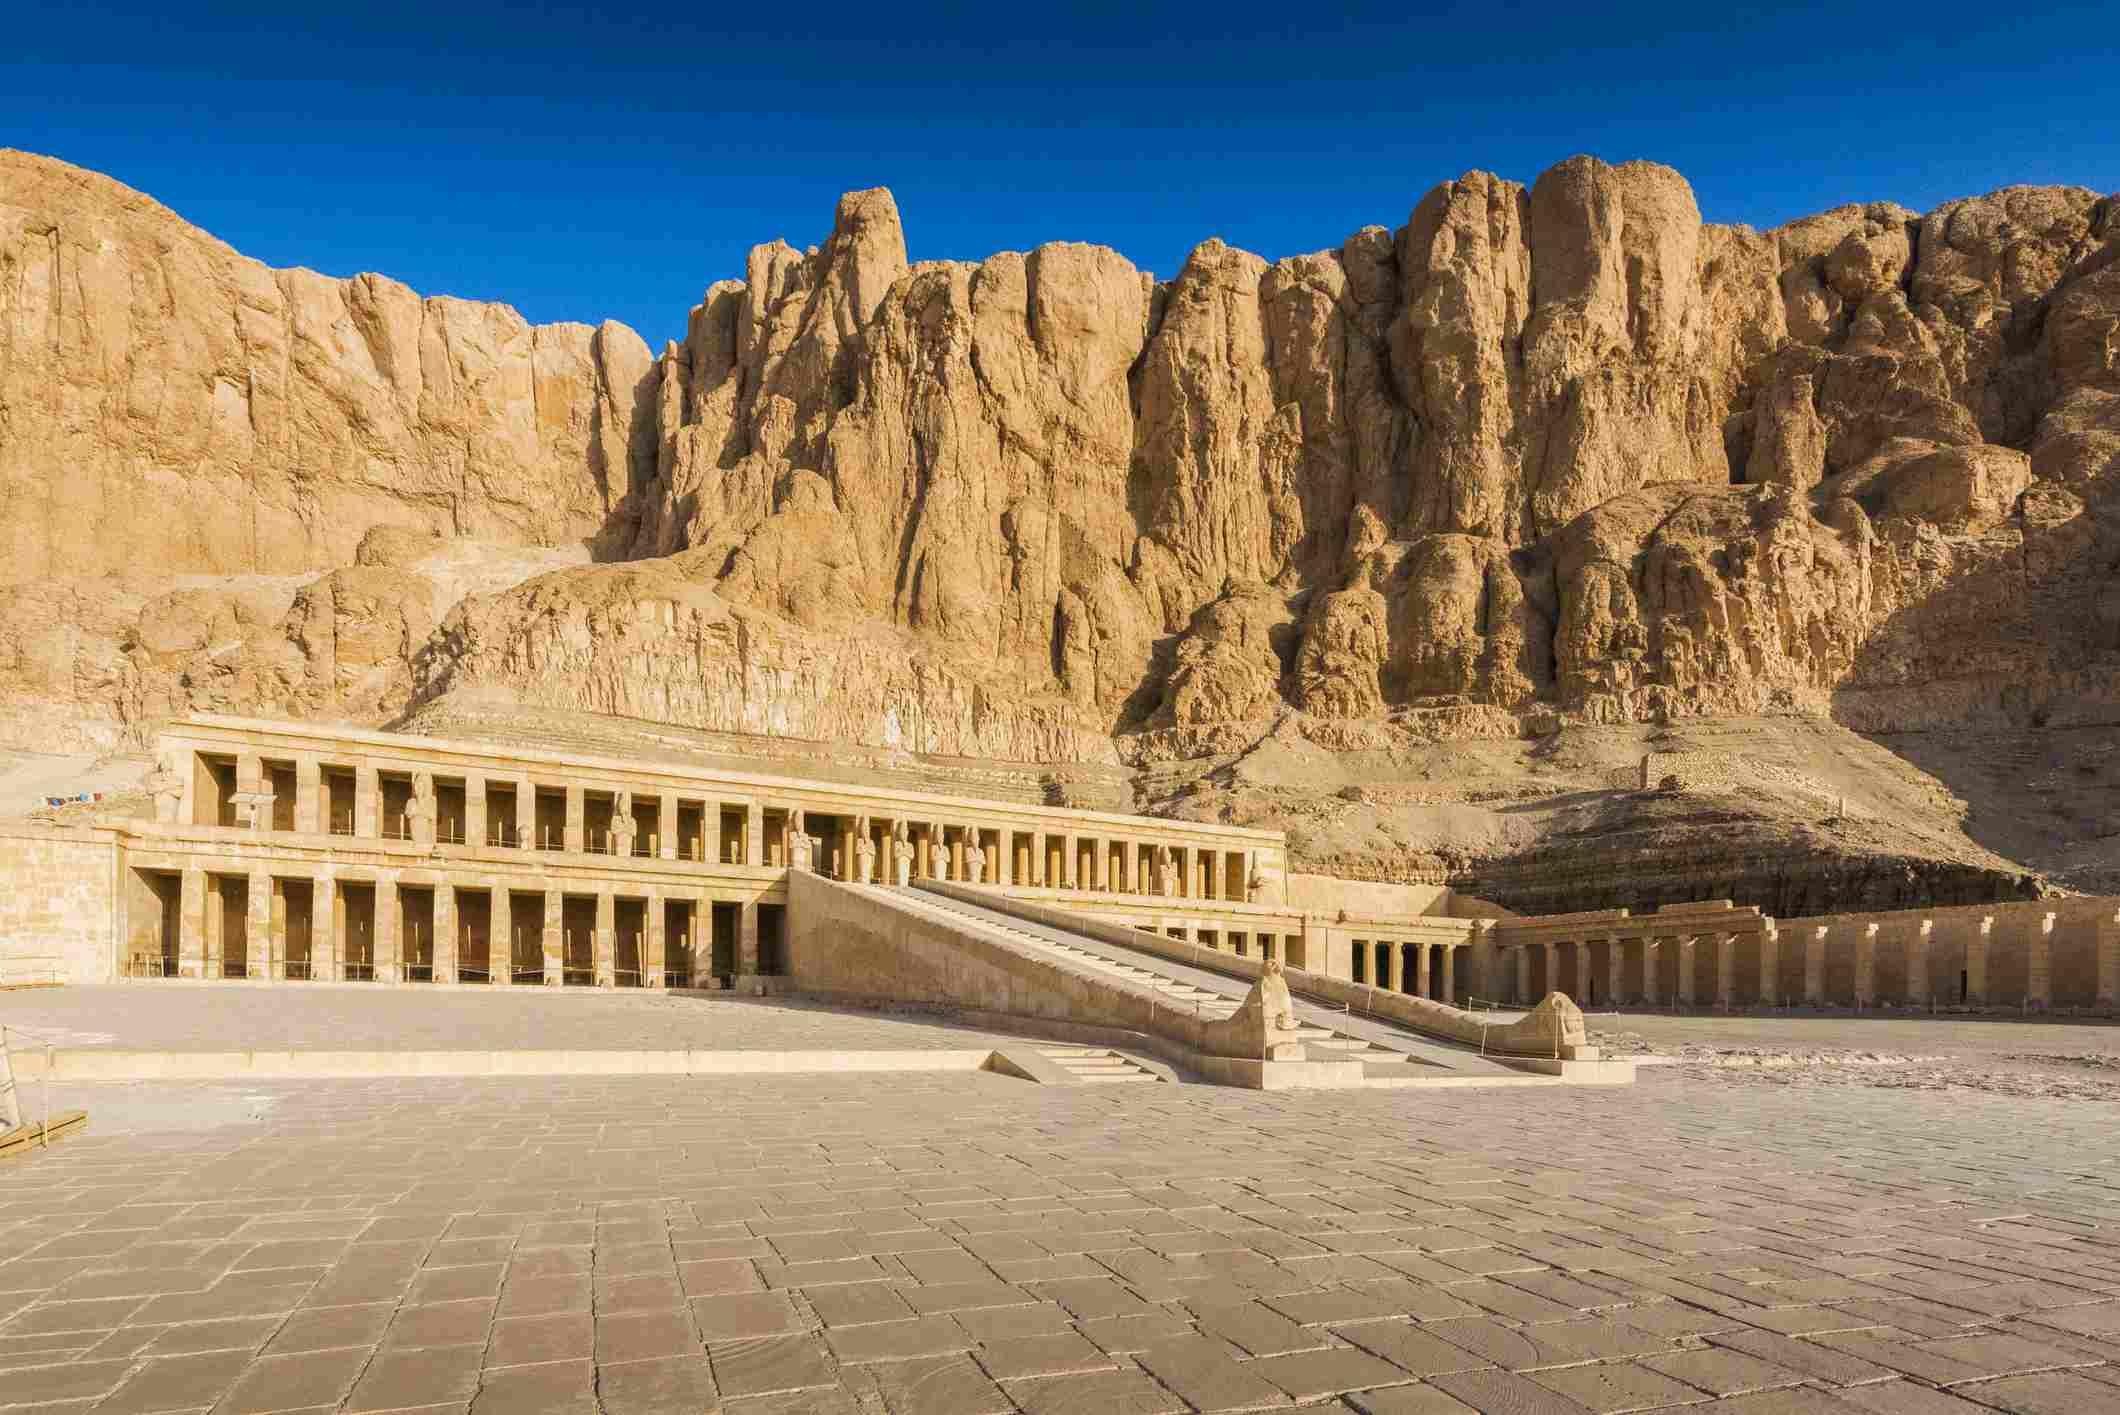 Hora de la mañana en el Valle de los Reyes en la ciudad de Luxor, Egipto